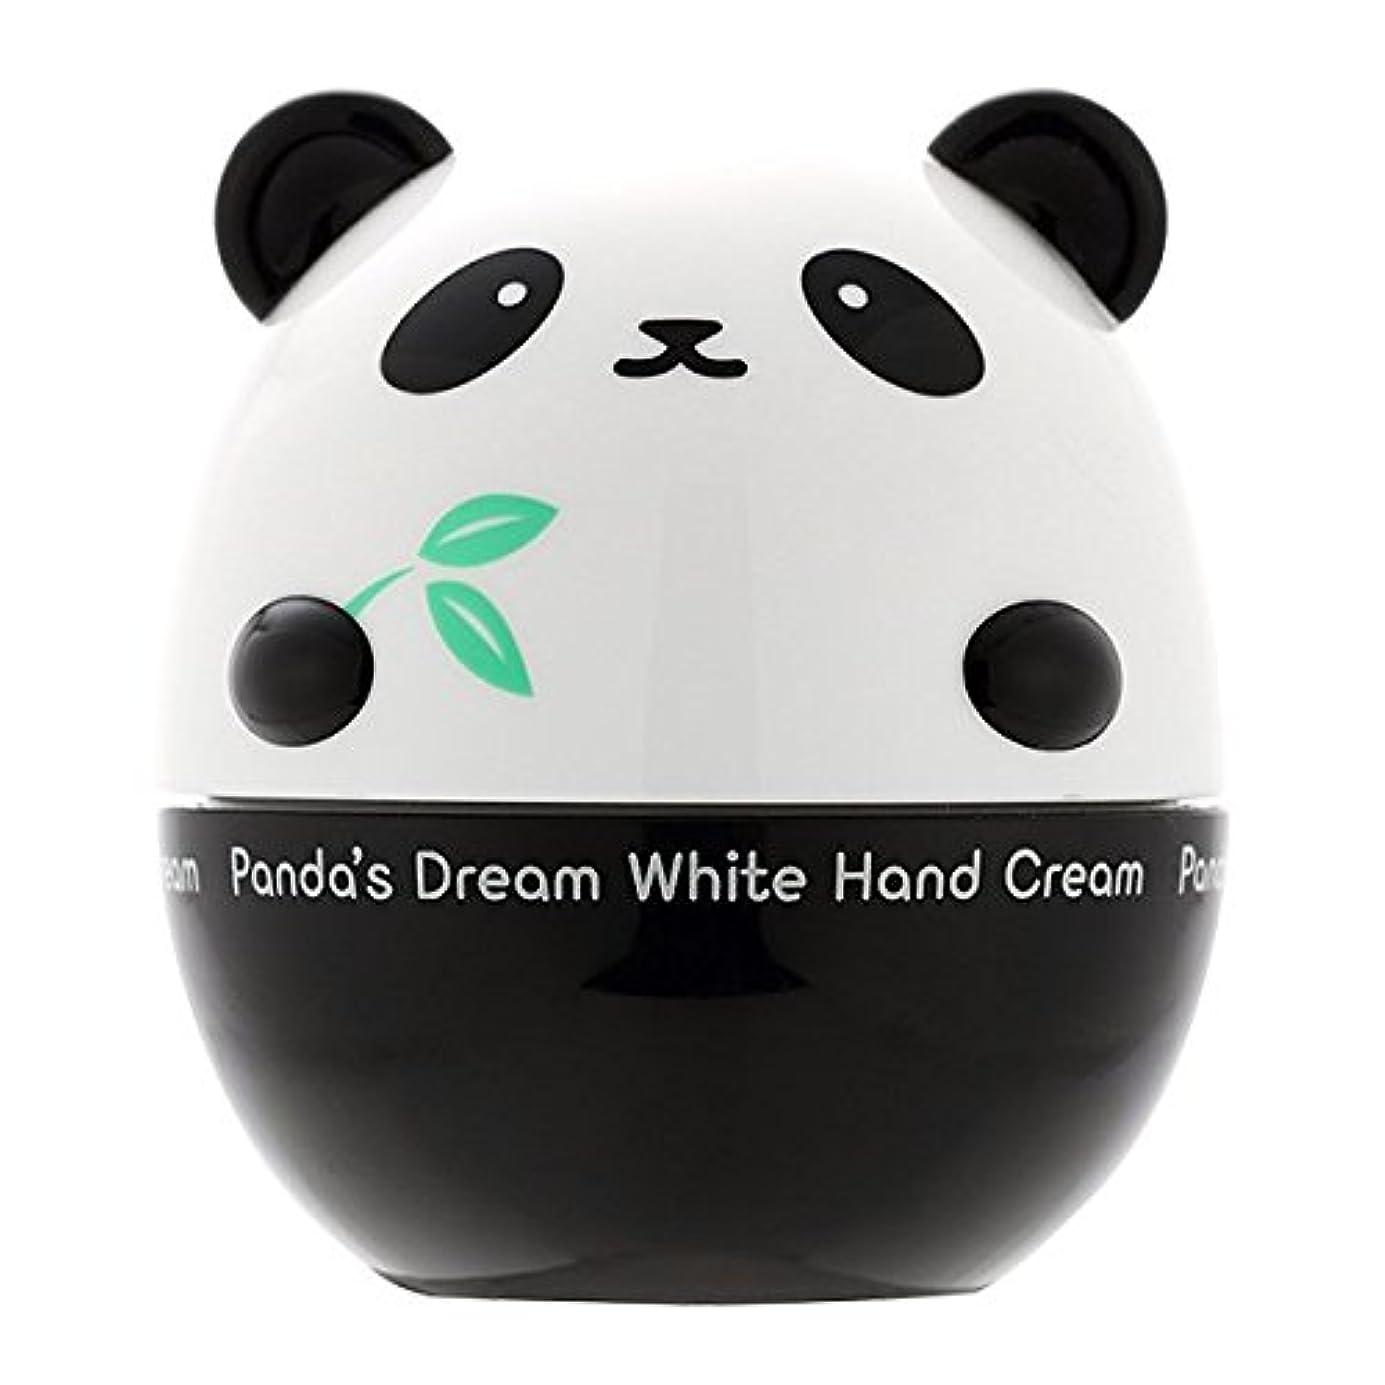 真珠のような上院議員音声学TONYMOLY パンダのゆめ ホワイトマジッククリーム 50g Panda's Dream White Magic Cream 照明クリームトニーモリー下地の代わりに美肌クリーム美肌成分含有 【韓国コスメ】トニーモリー